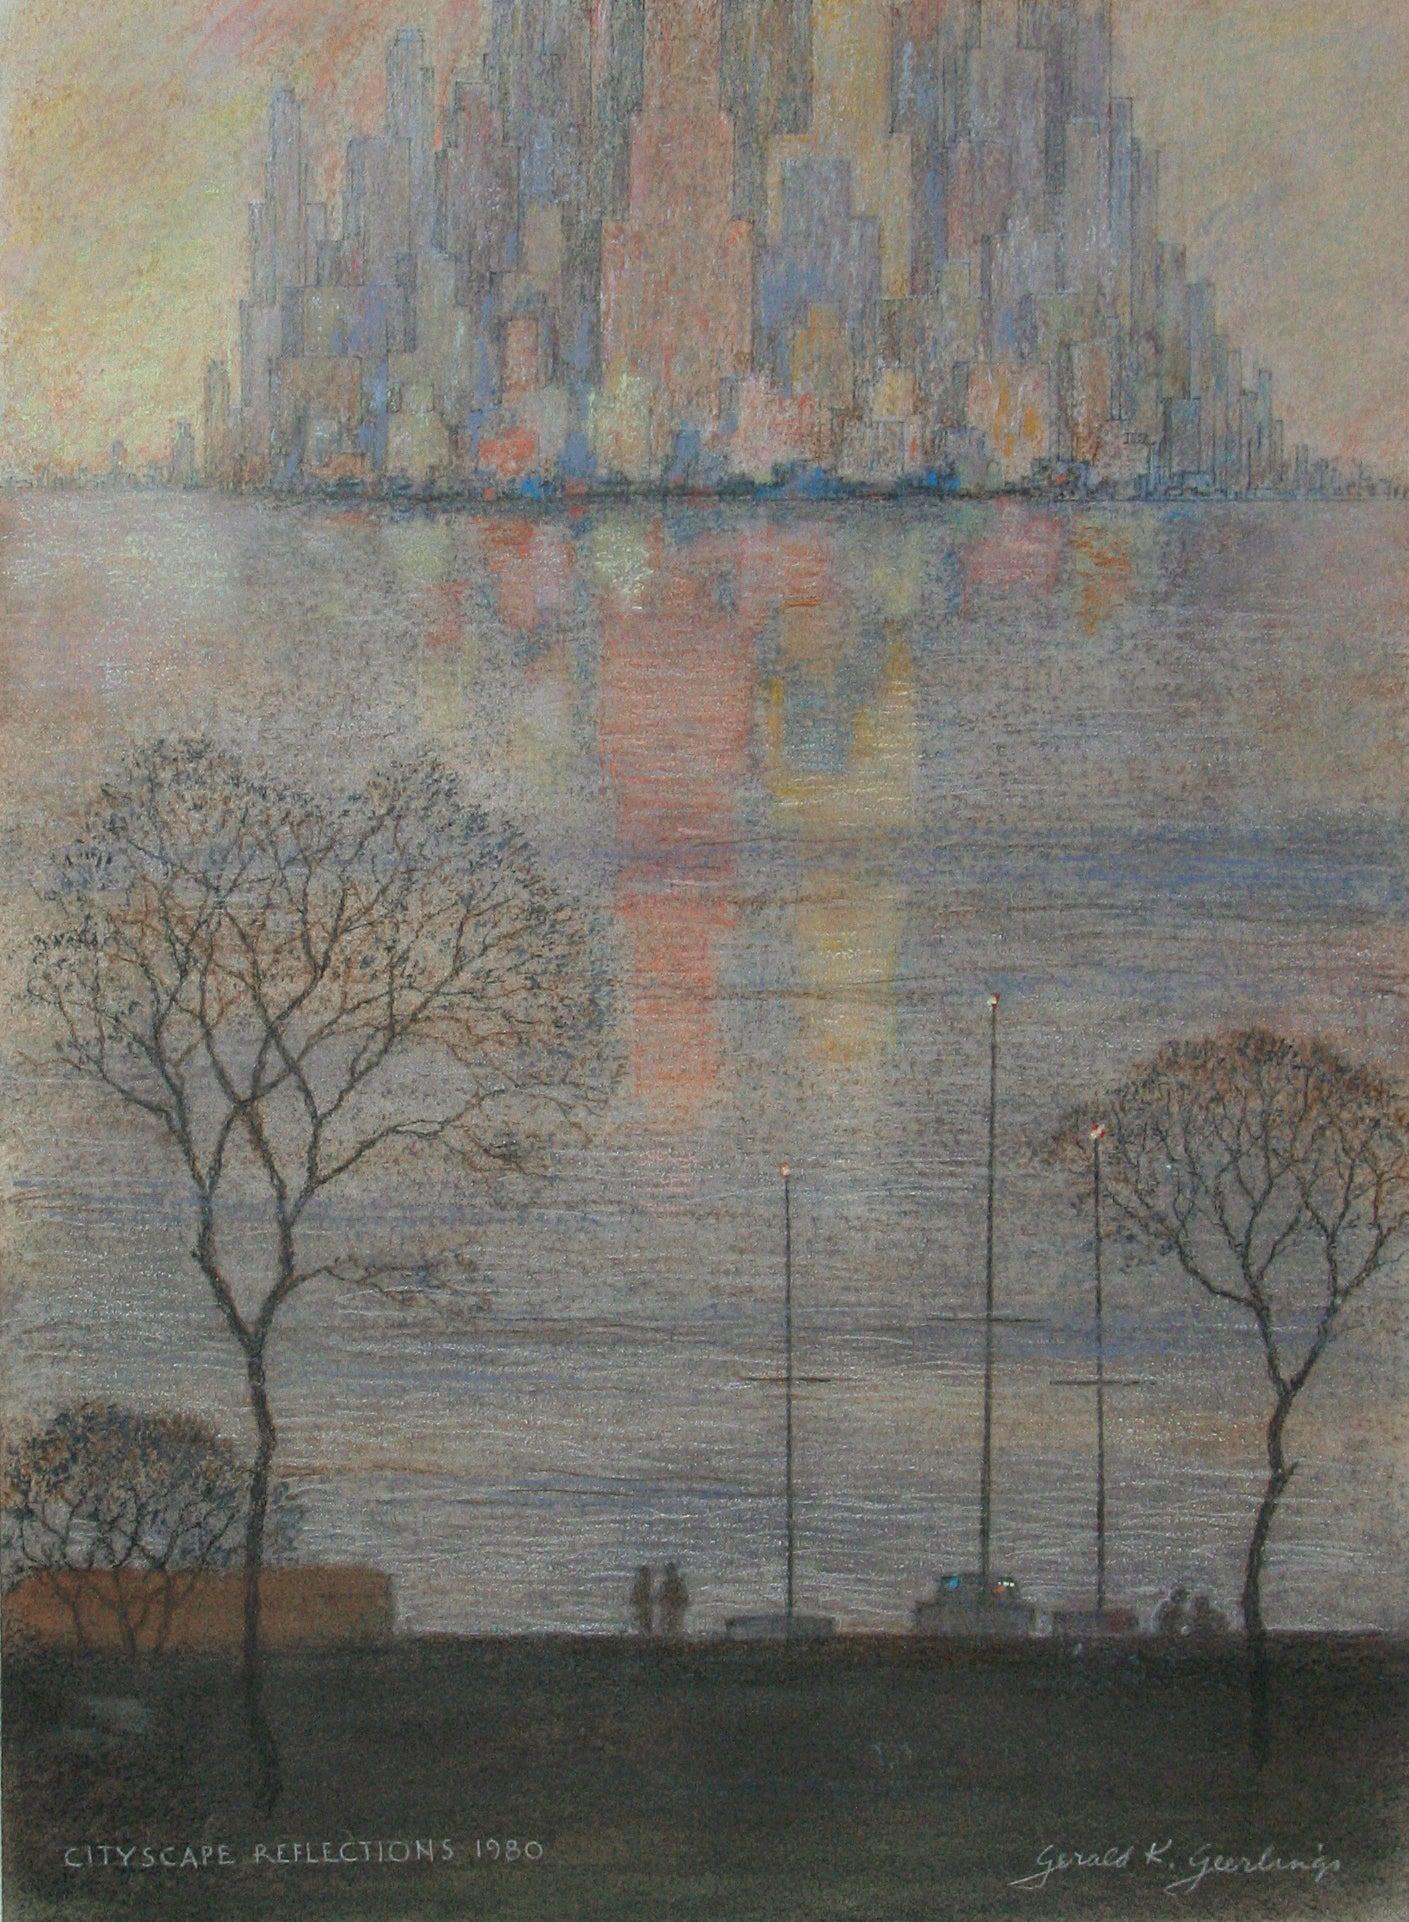 Cityscape Reflections - Misty Morning.